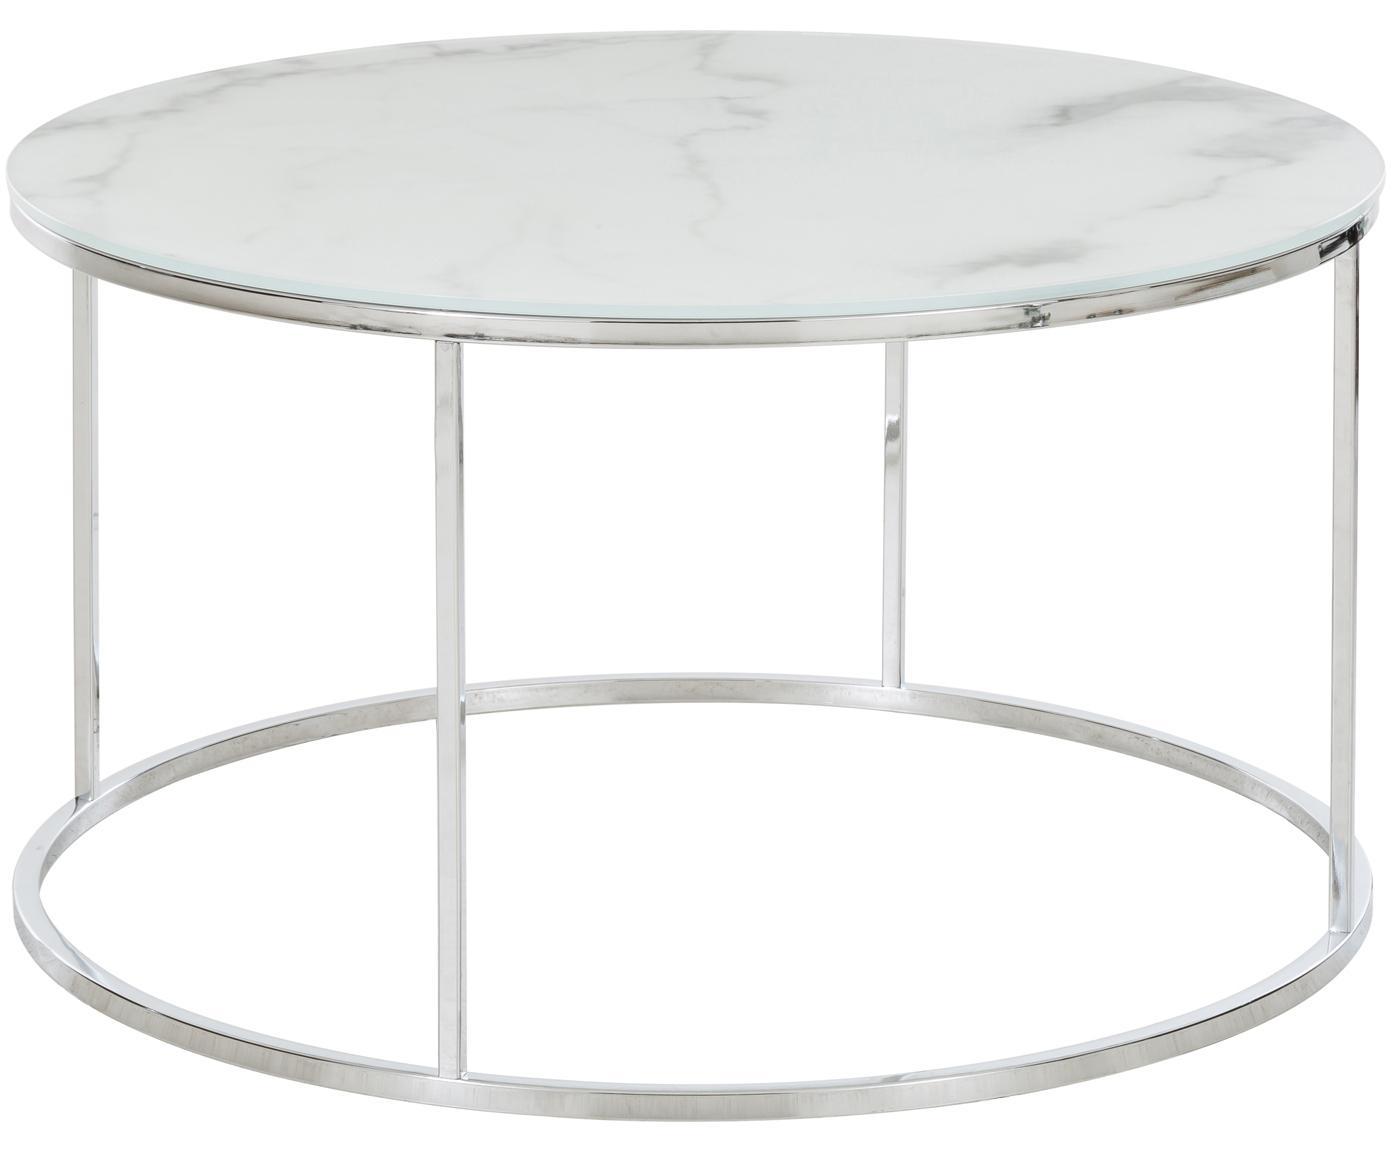 Stolik kawowy ze szklanym blatem Antigua, Blat: szkło, matowy nadruk, Stelaż: stal, chromowany, Białoszary marmurowy, odcienie srebrnego, Ø 80 x W 45 cm